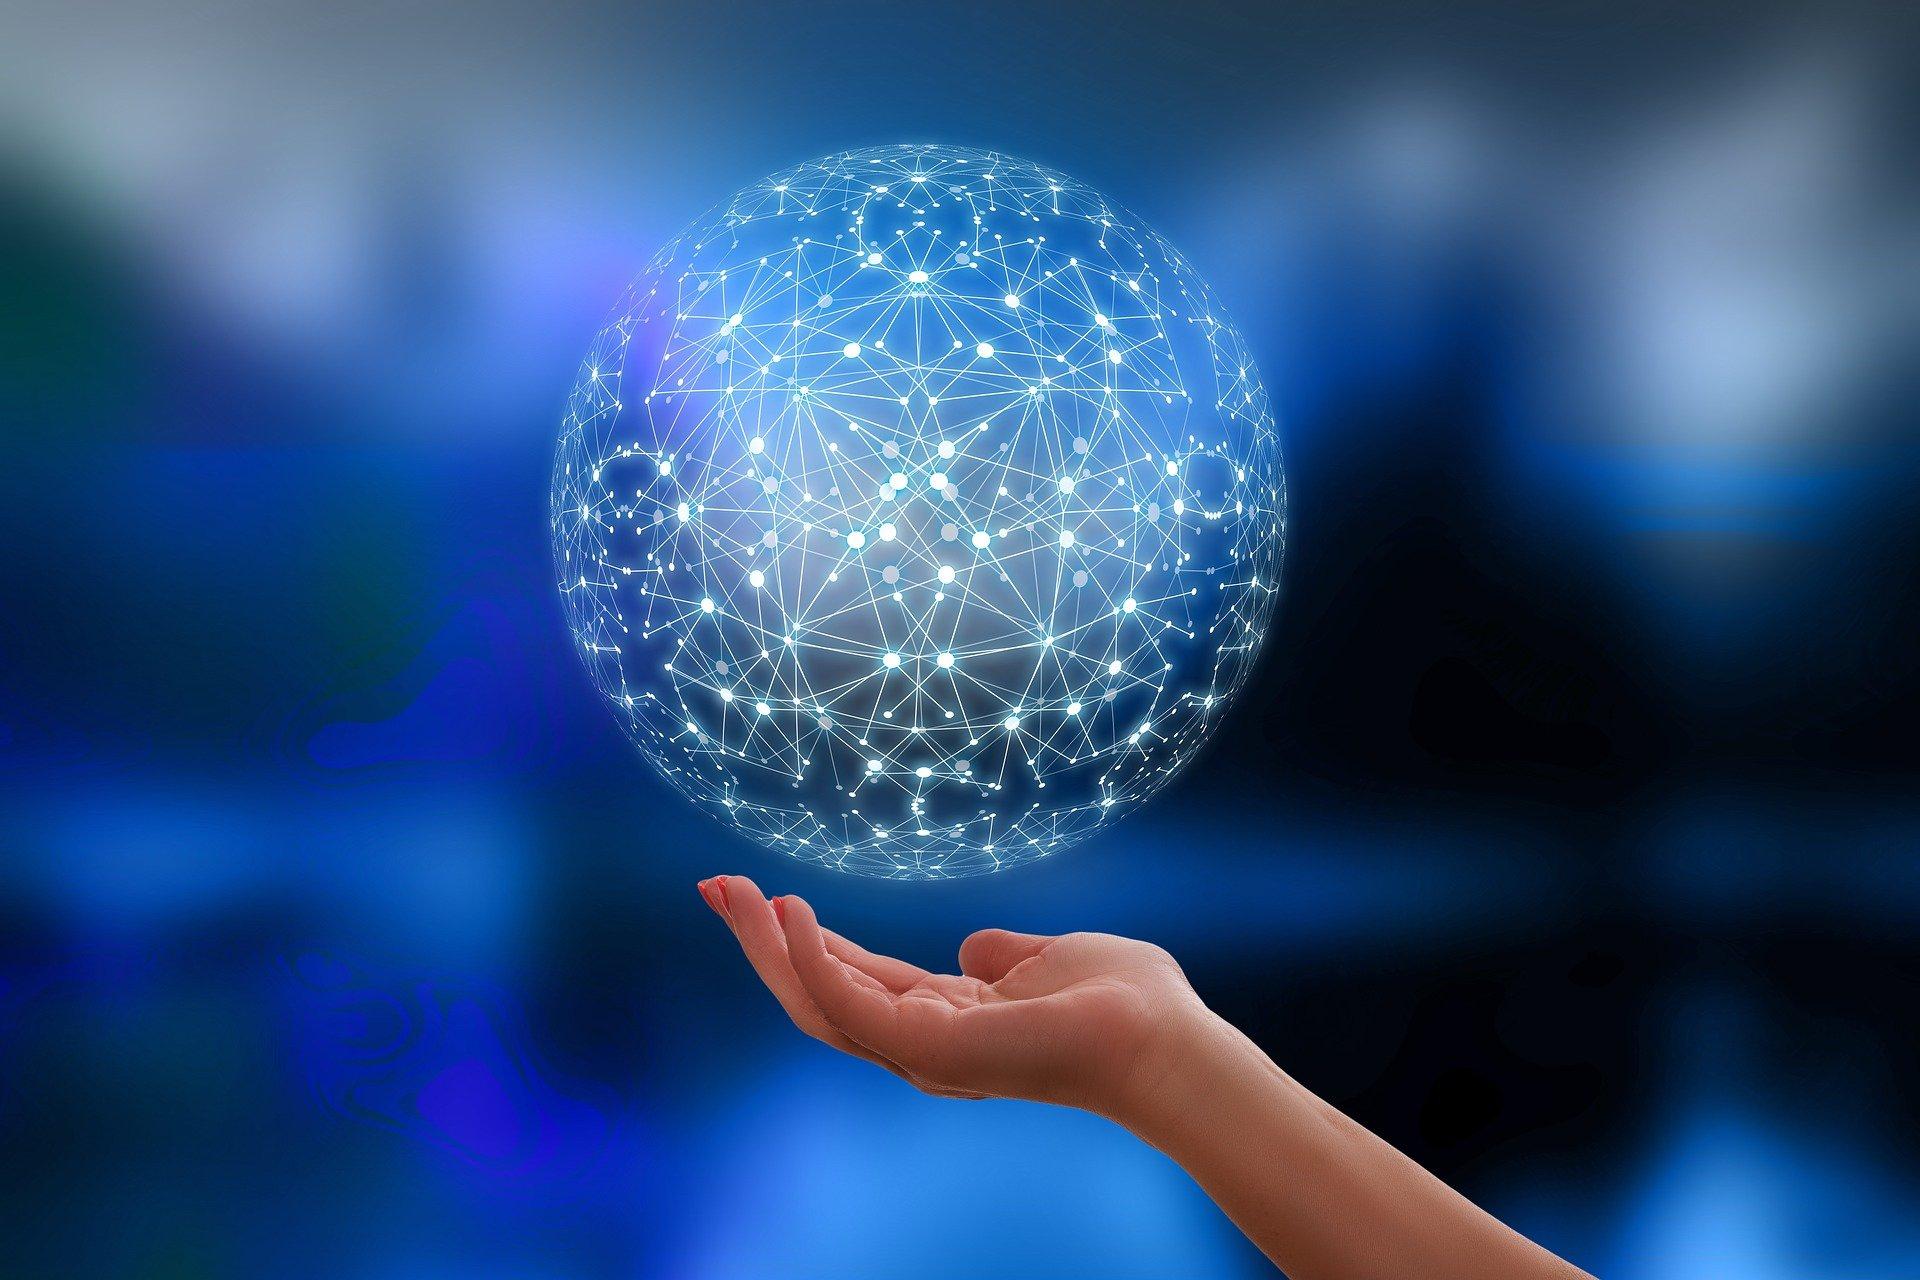 La gobernanza es el camino para reducir la incertidumbre hacia la Transformación Digital